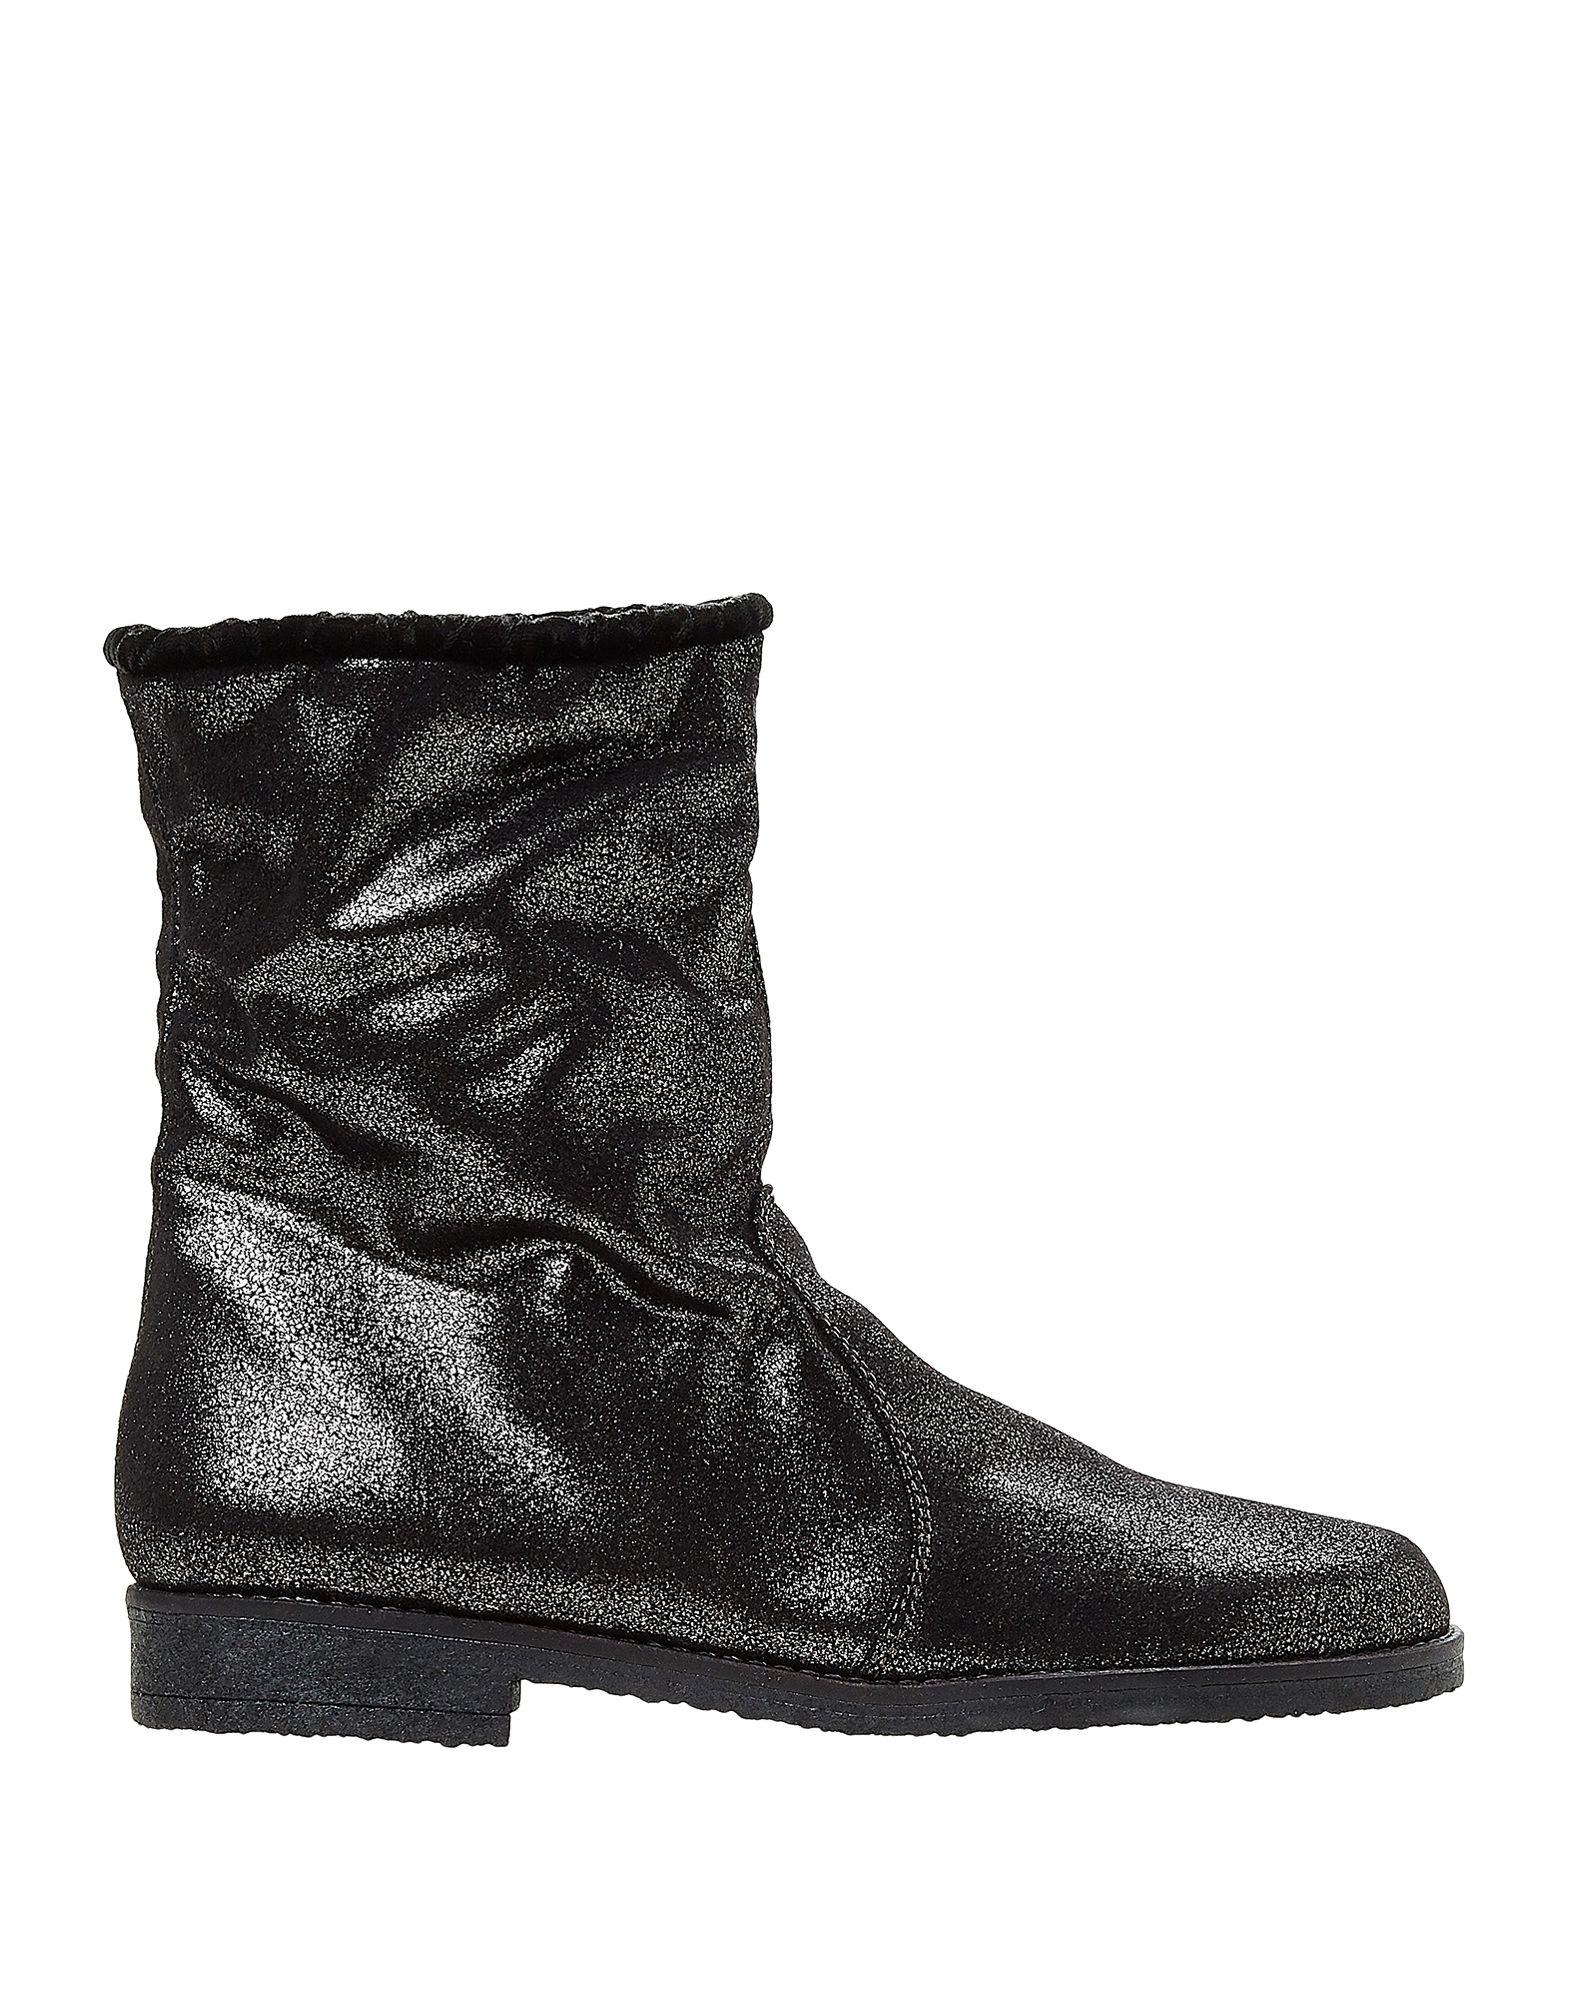 NR RAPISARDI Полусапоги и высокие ботинки